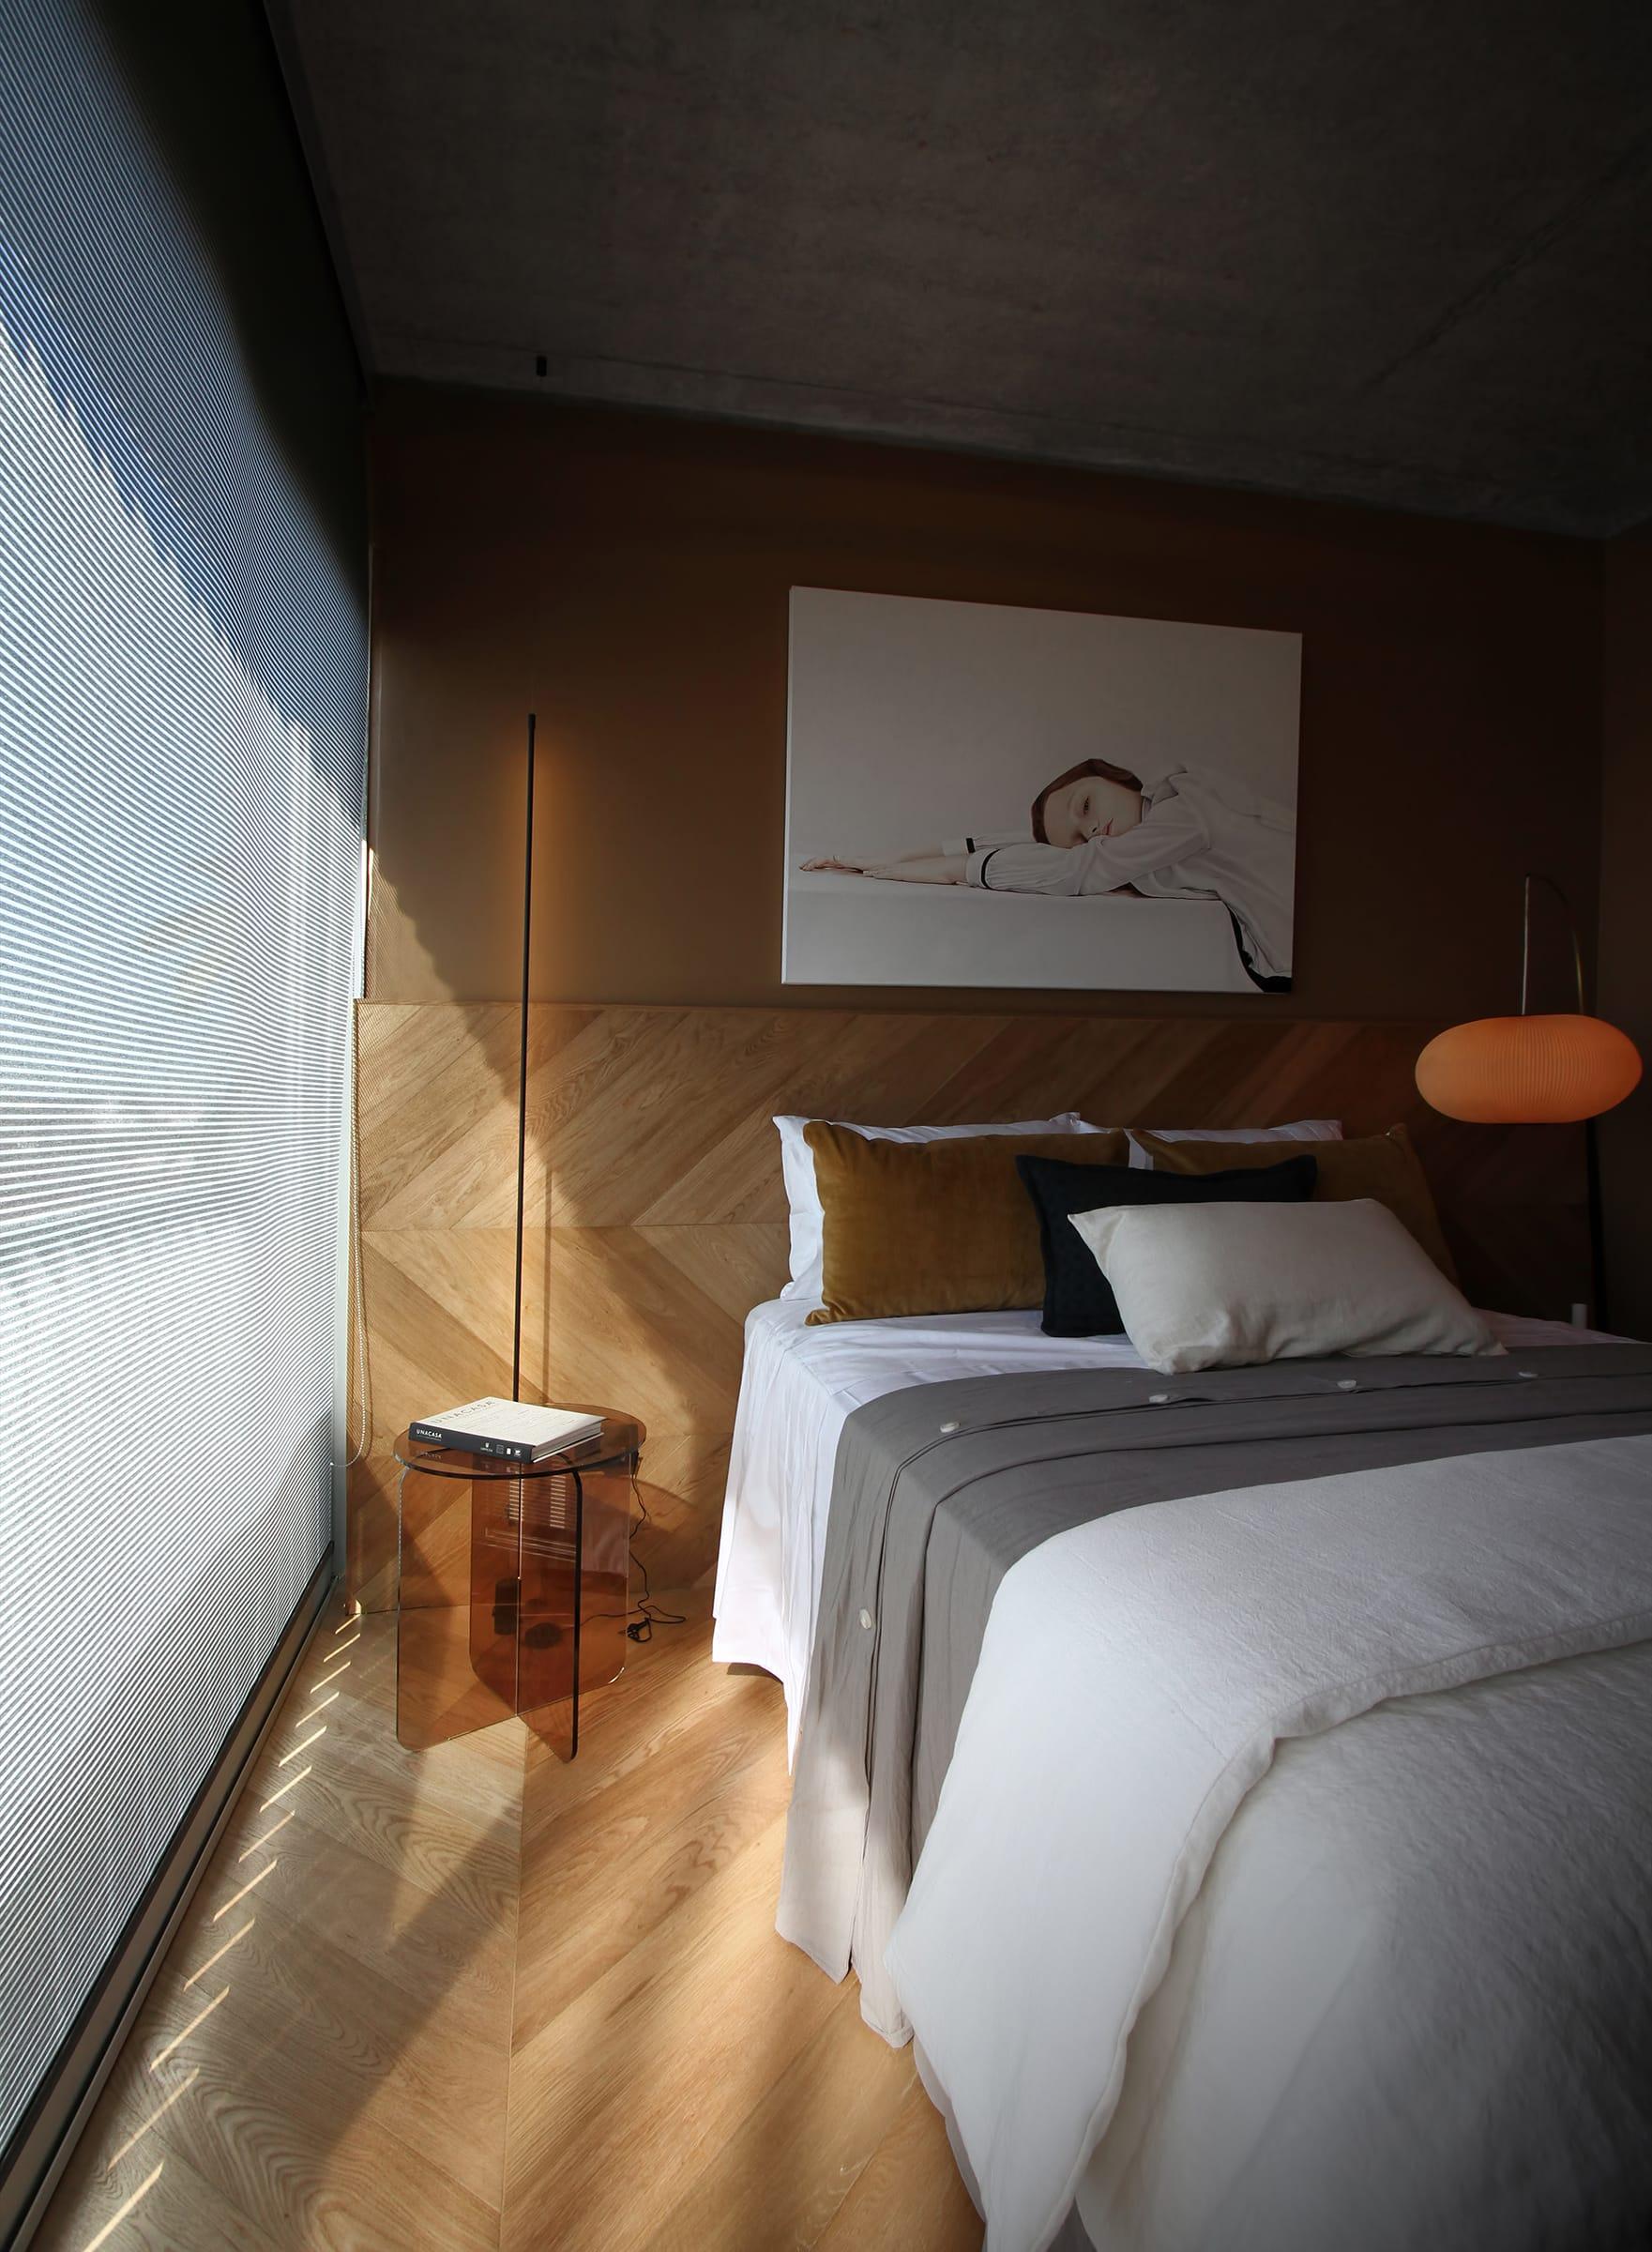 Las paredes revestidas con melamina Street (de Faplac) generan una continuidad visual con el cielo raso de hormigón a la vista